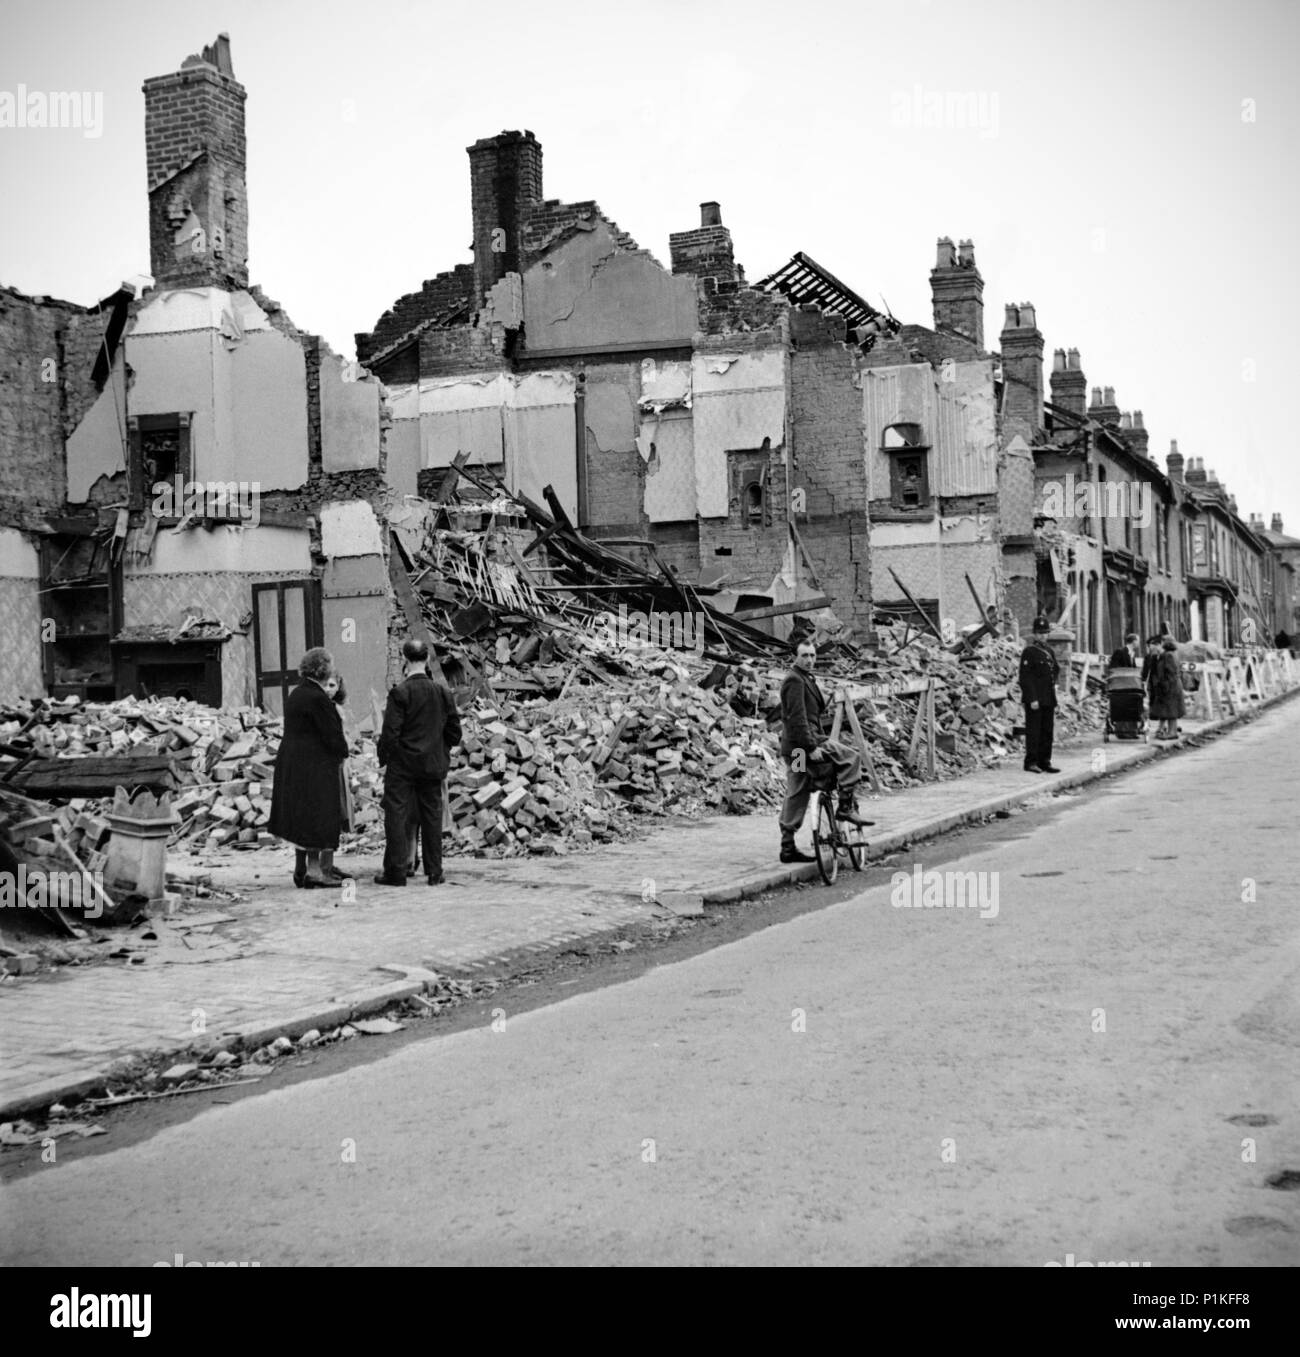 Wartime bomb damage, Highgate Road, Sparkbrook, Birmingham, West Midlands, 29 July 1942. - Stock Image